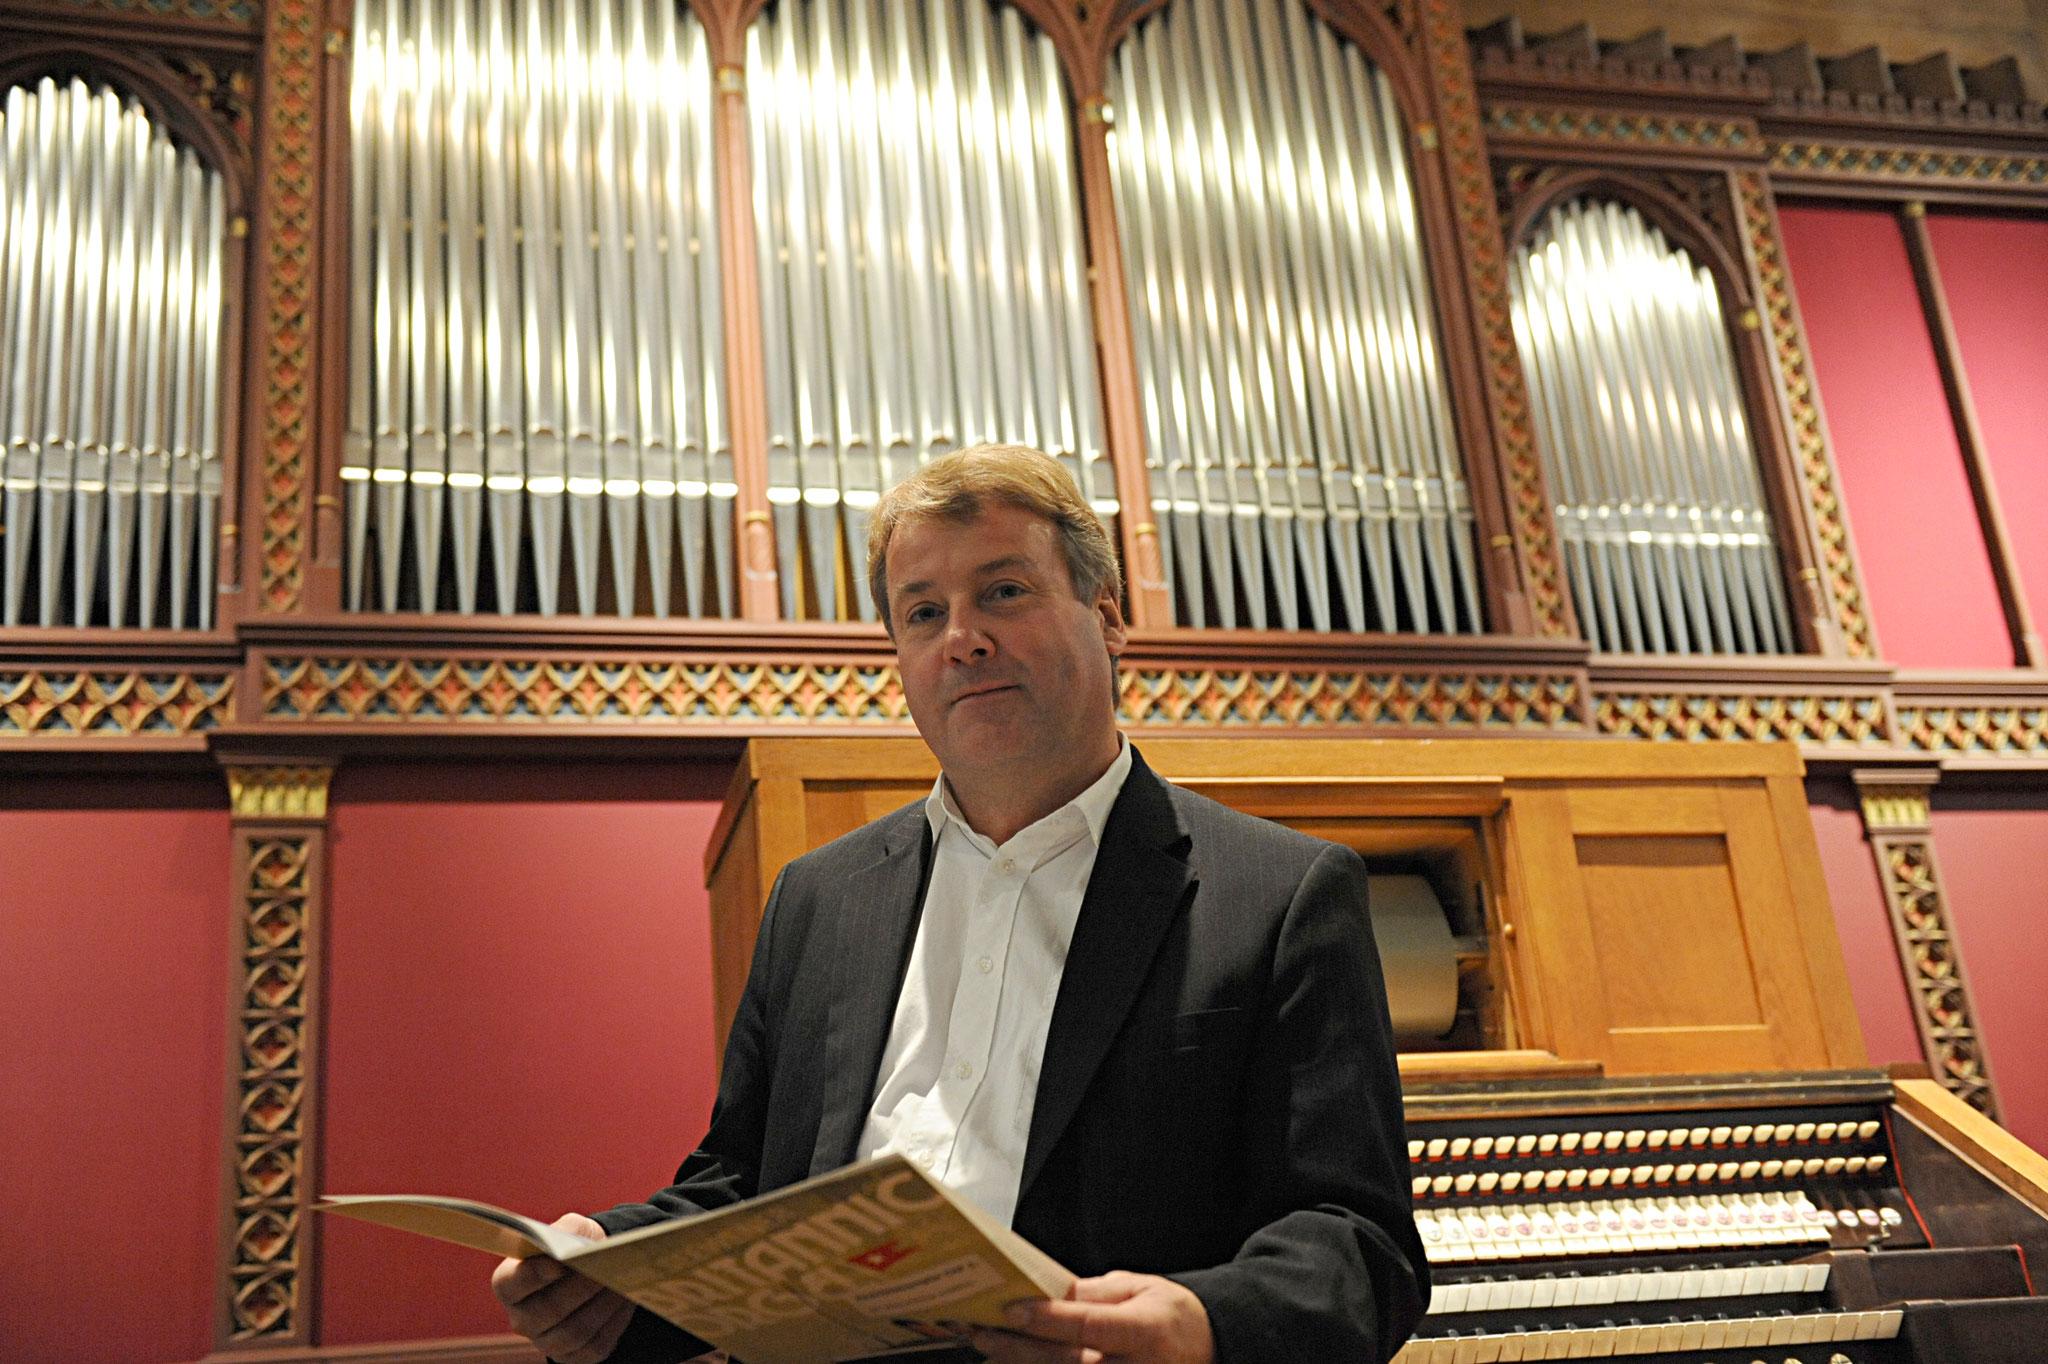 Christoph Hänggi, Direktor des Museums für Musikautomaten, vor der Britannic-Orgel (© Peter Jaeggi)